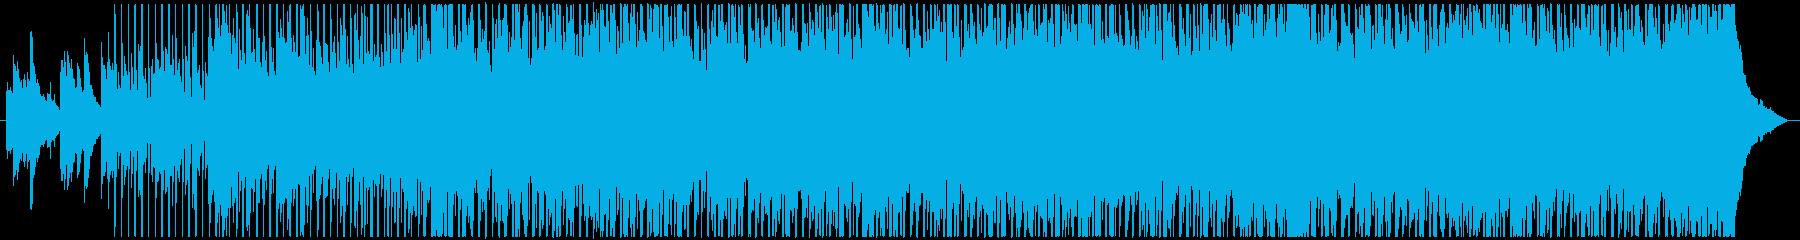 【ショート】温かい・感動・壮大ポップスの再生済みの波形